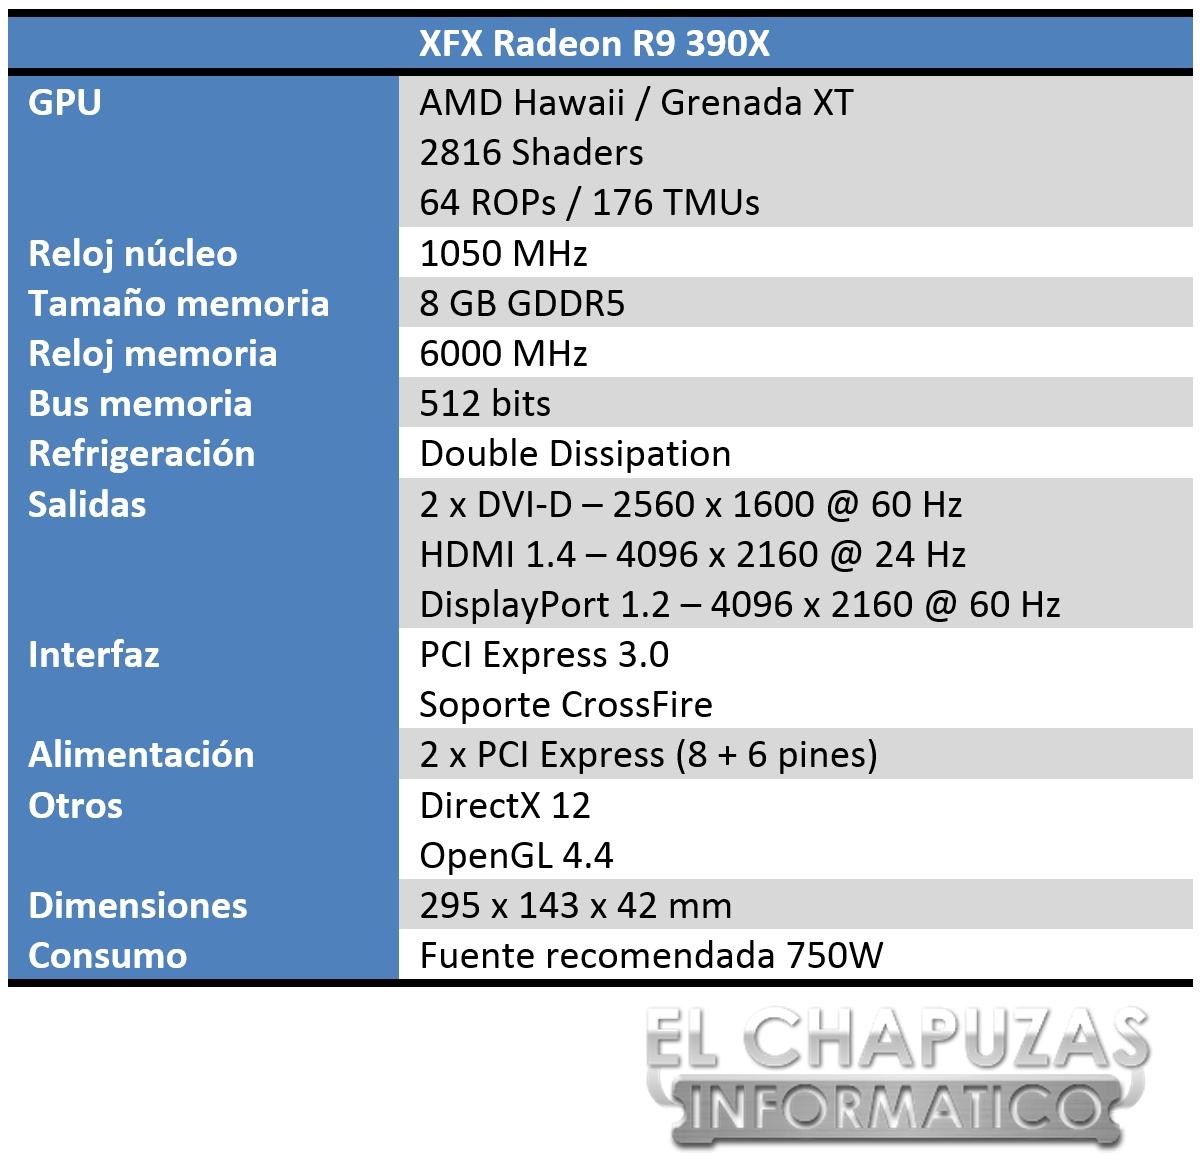 Xfx Radeon R9 390x Review